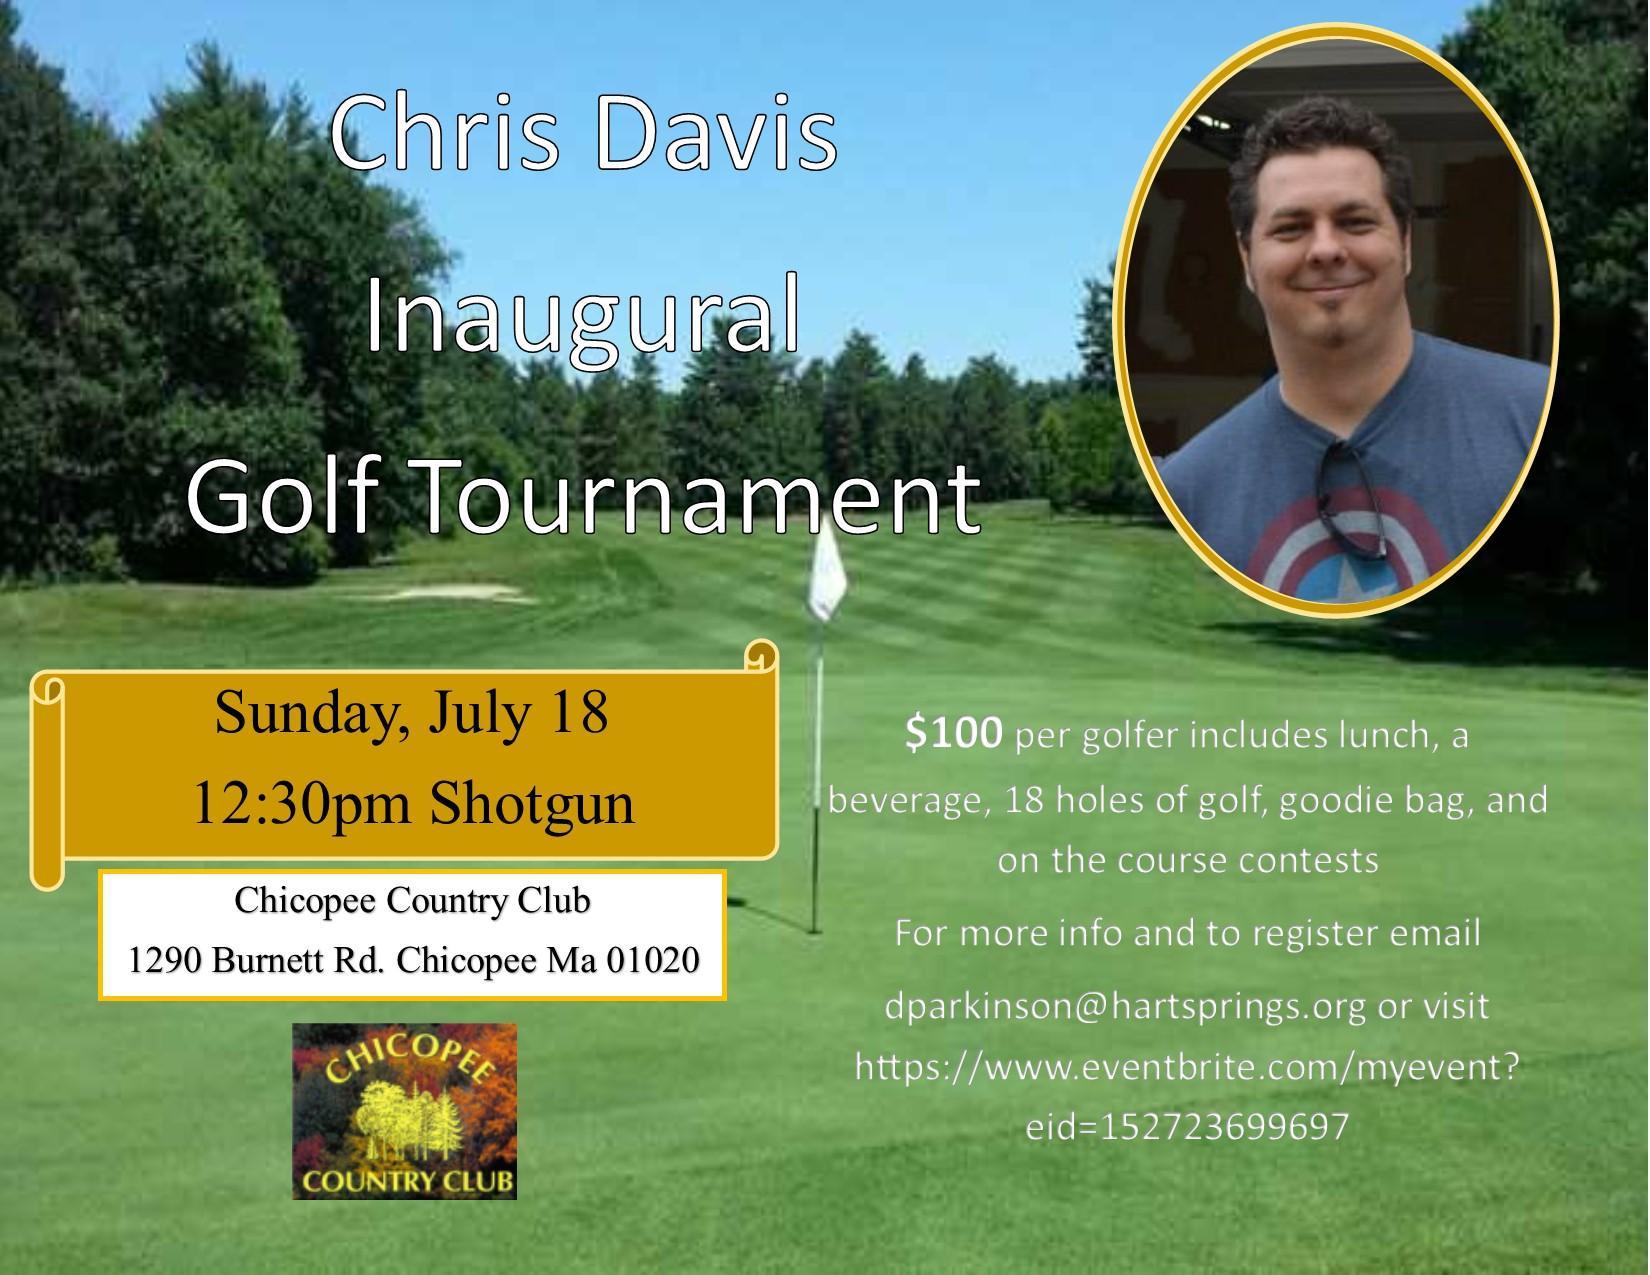 Chris Davis Memorial Golf Tournament